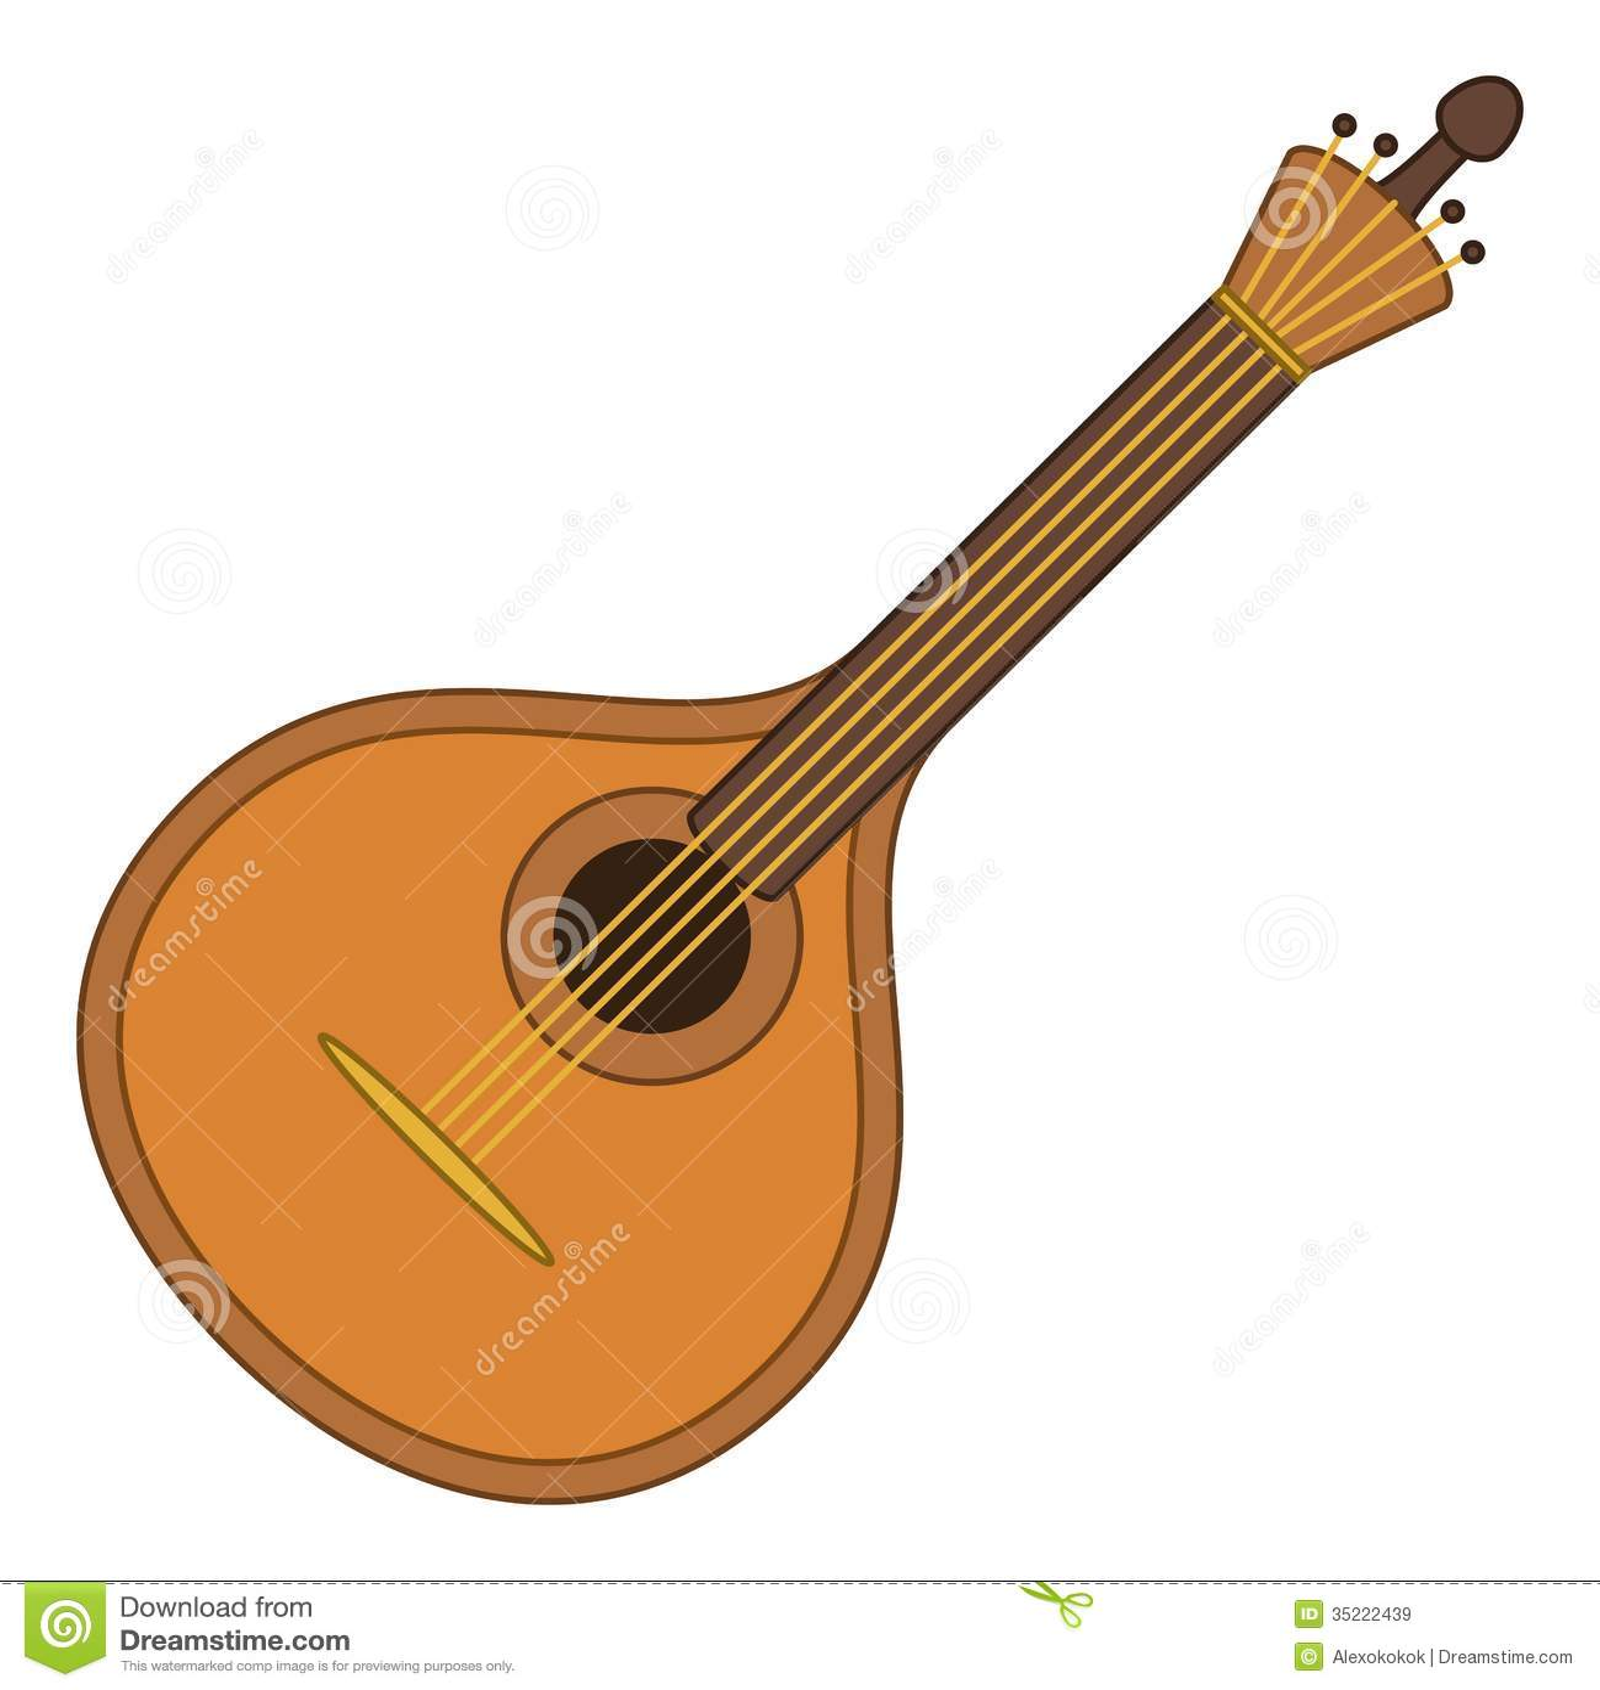 String Musical Instruments Mandolin stock illustrations, vectors ...